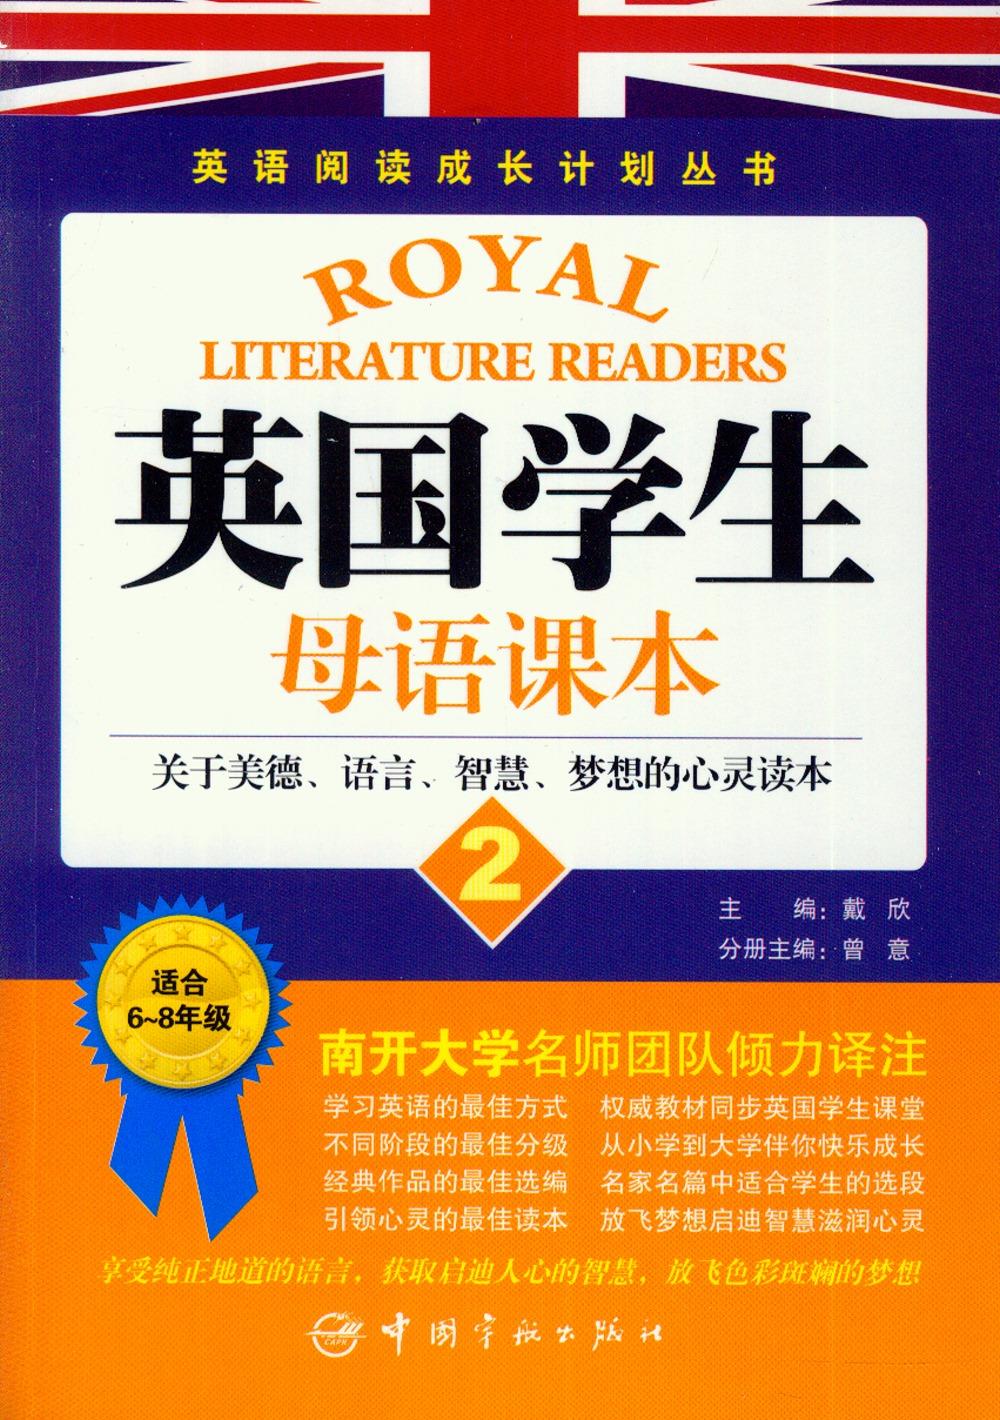 英語閱讀成長計划叢書:英國學生母語課本 2 ^(關於美德、語言、智慧、夢想的心靈讀本^)